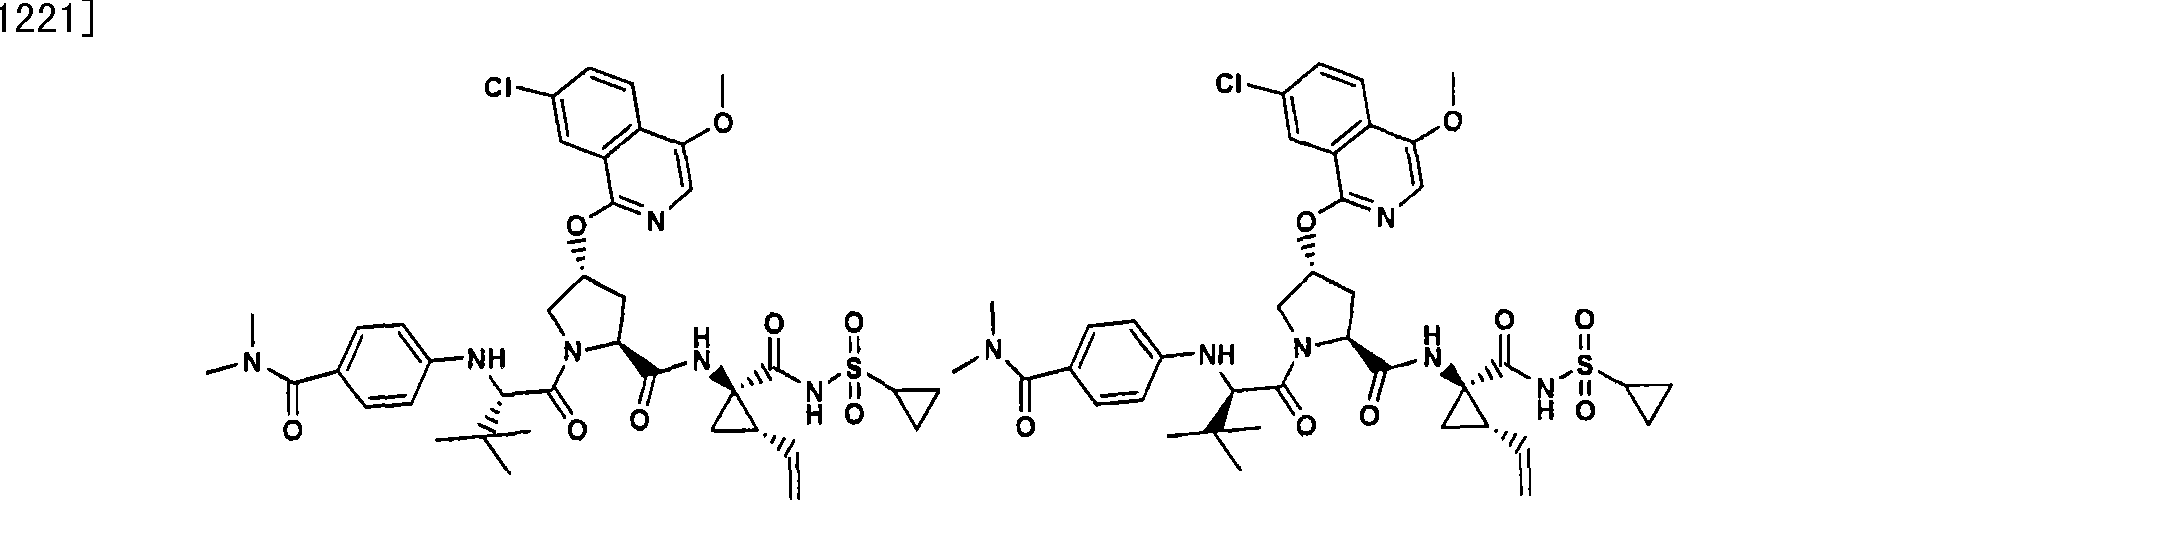 Figure CN101541784BD01481